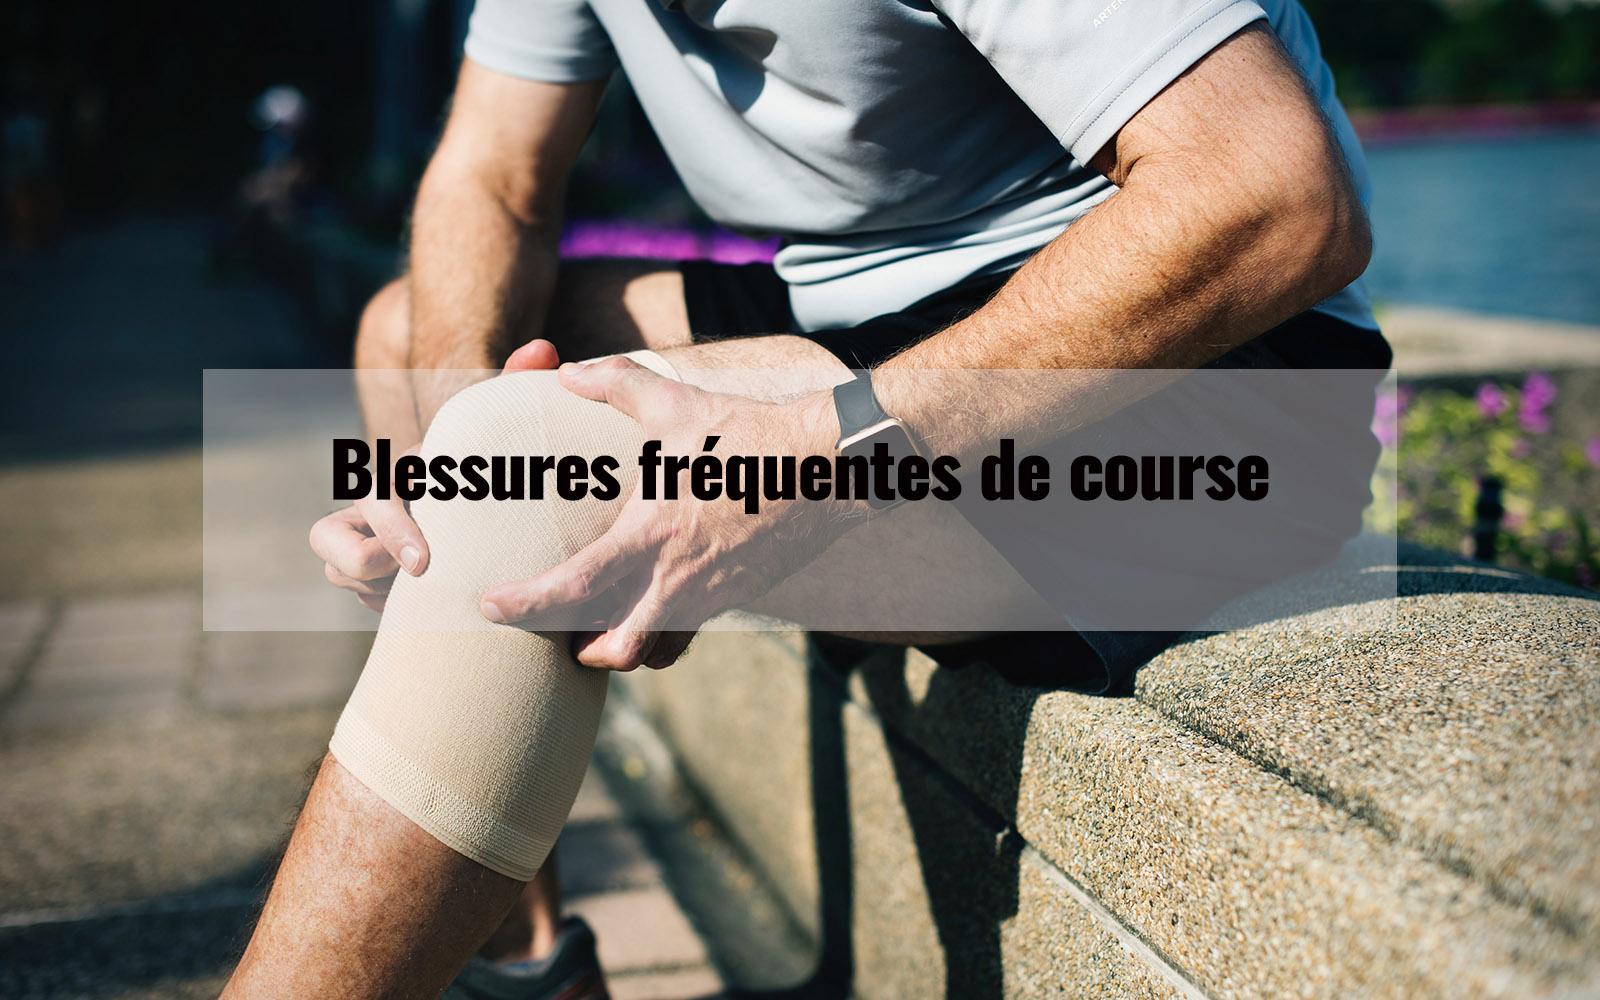 Blessures communes de jogging